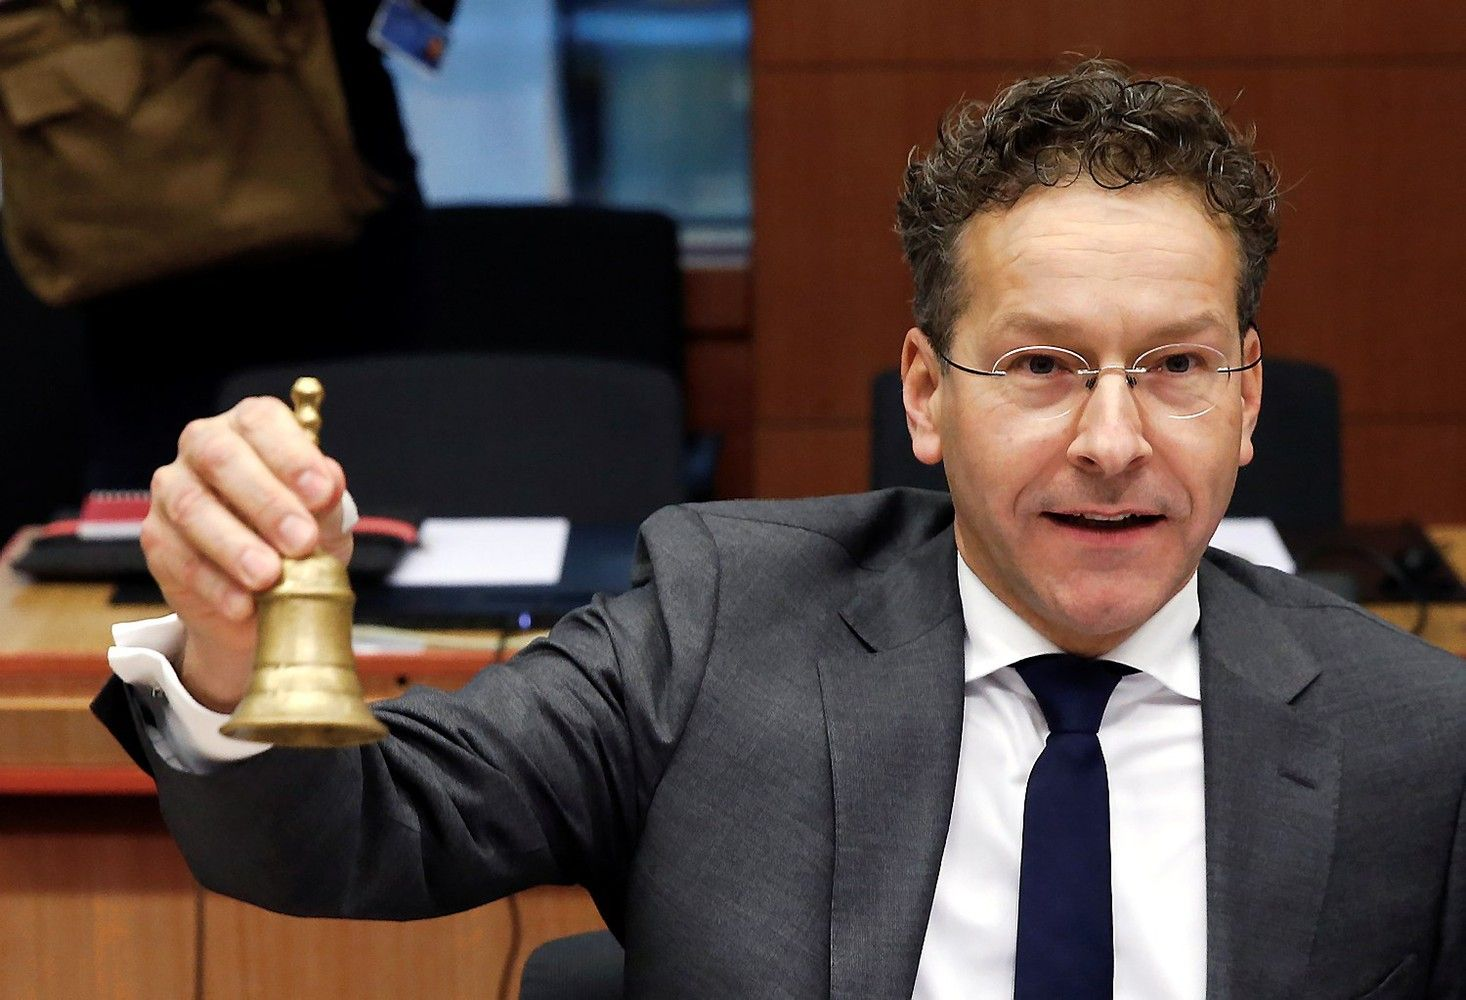 Euro grupės vadovas: Graikijos skolų naštą reikės mažinti